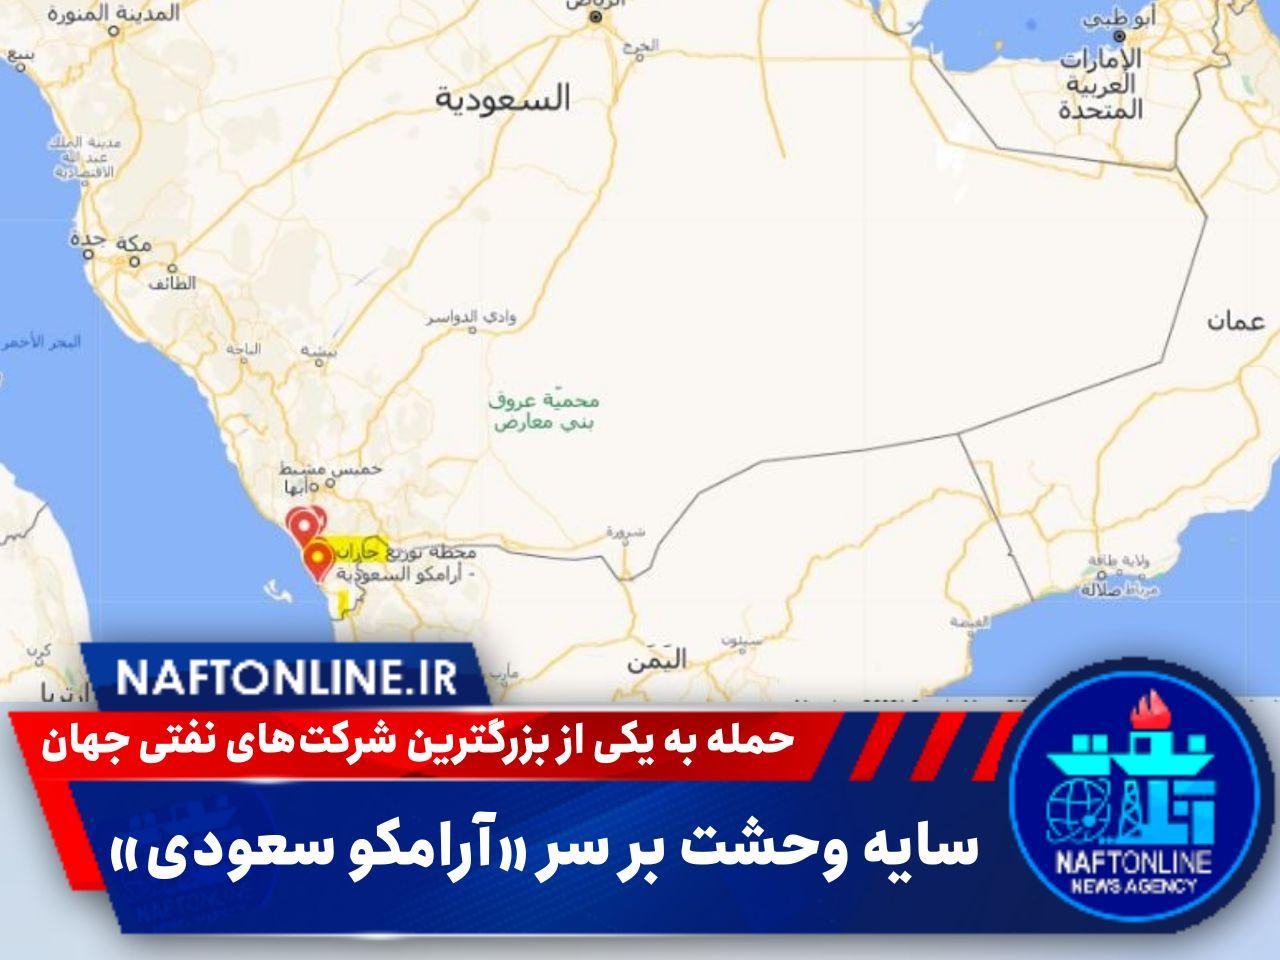 حمله پهپادی به شرکت نفت آرامکو عربستان   نفت آنلاین